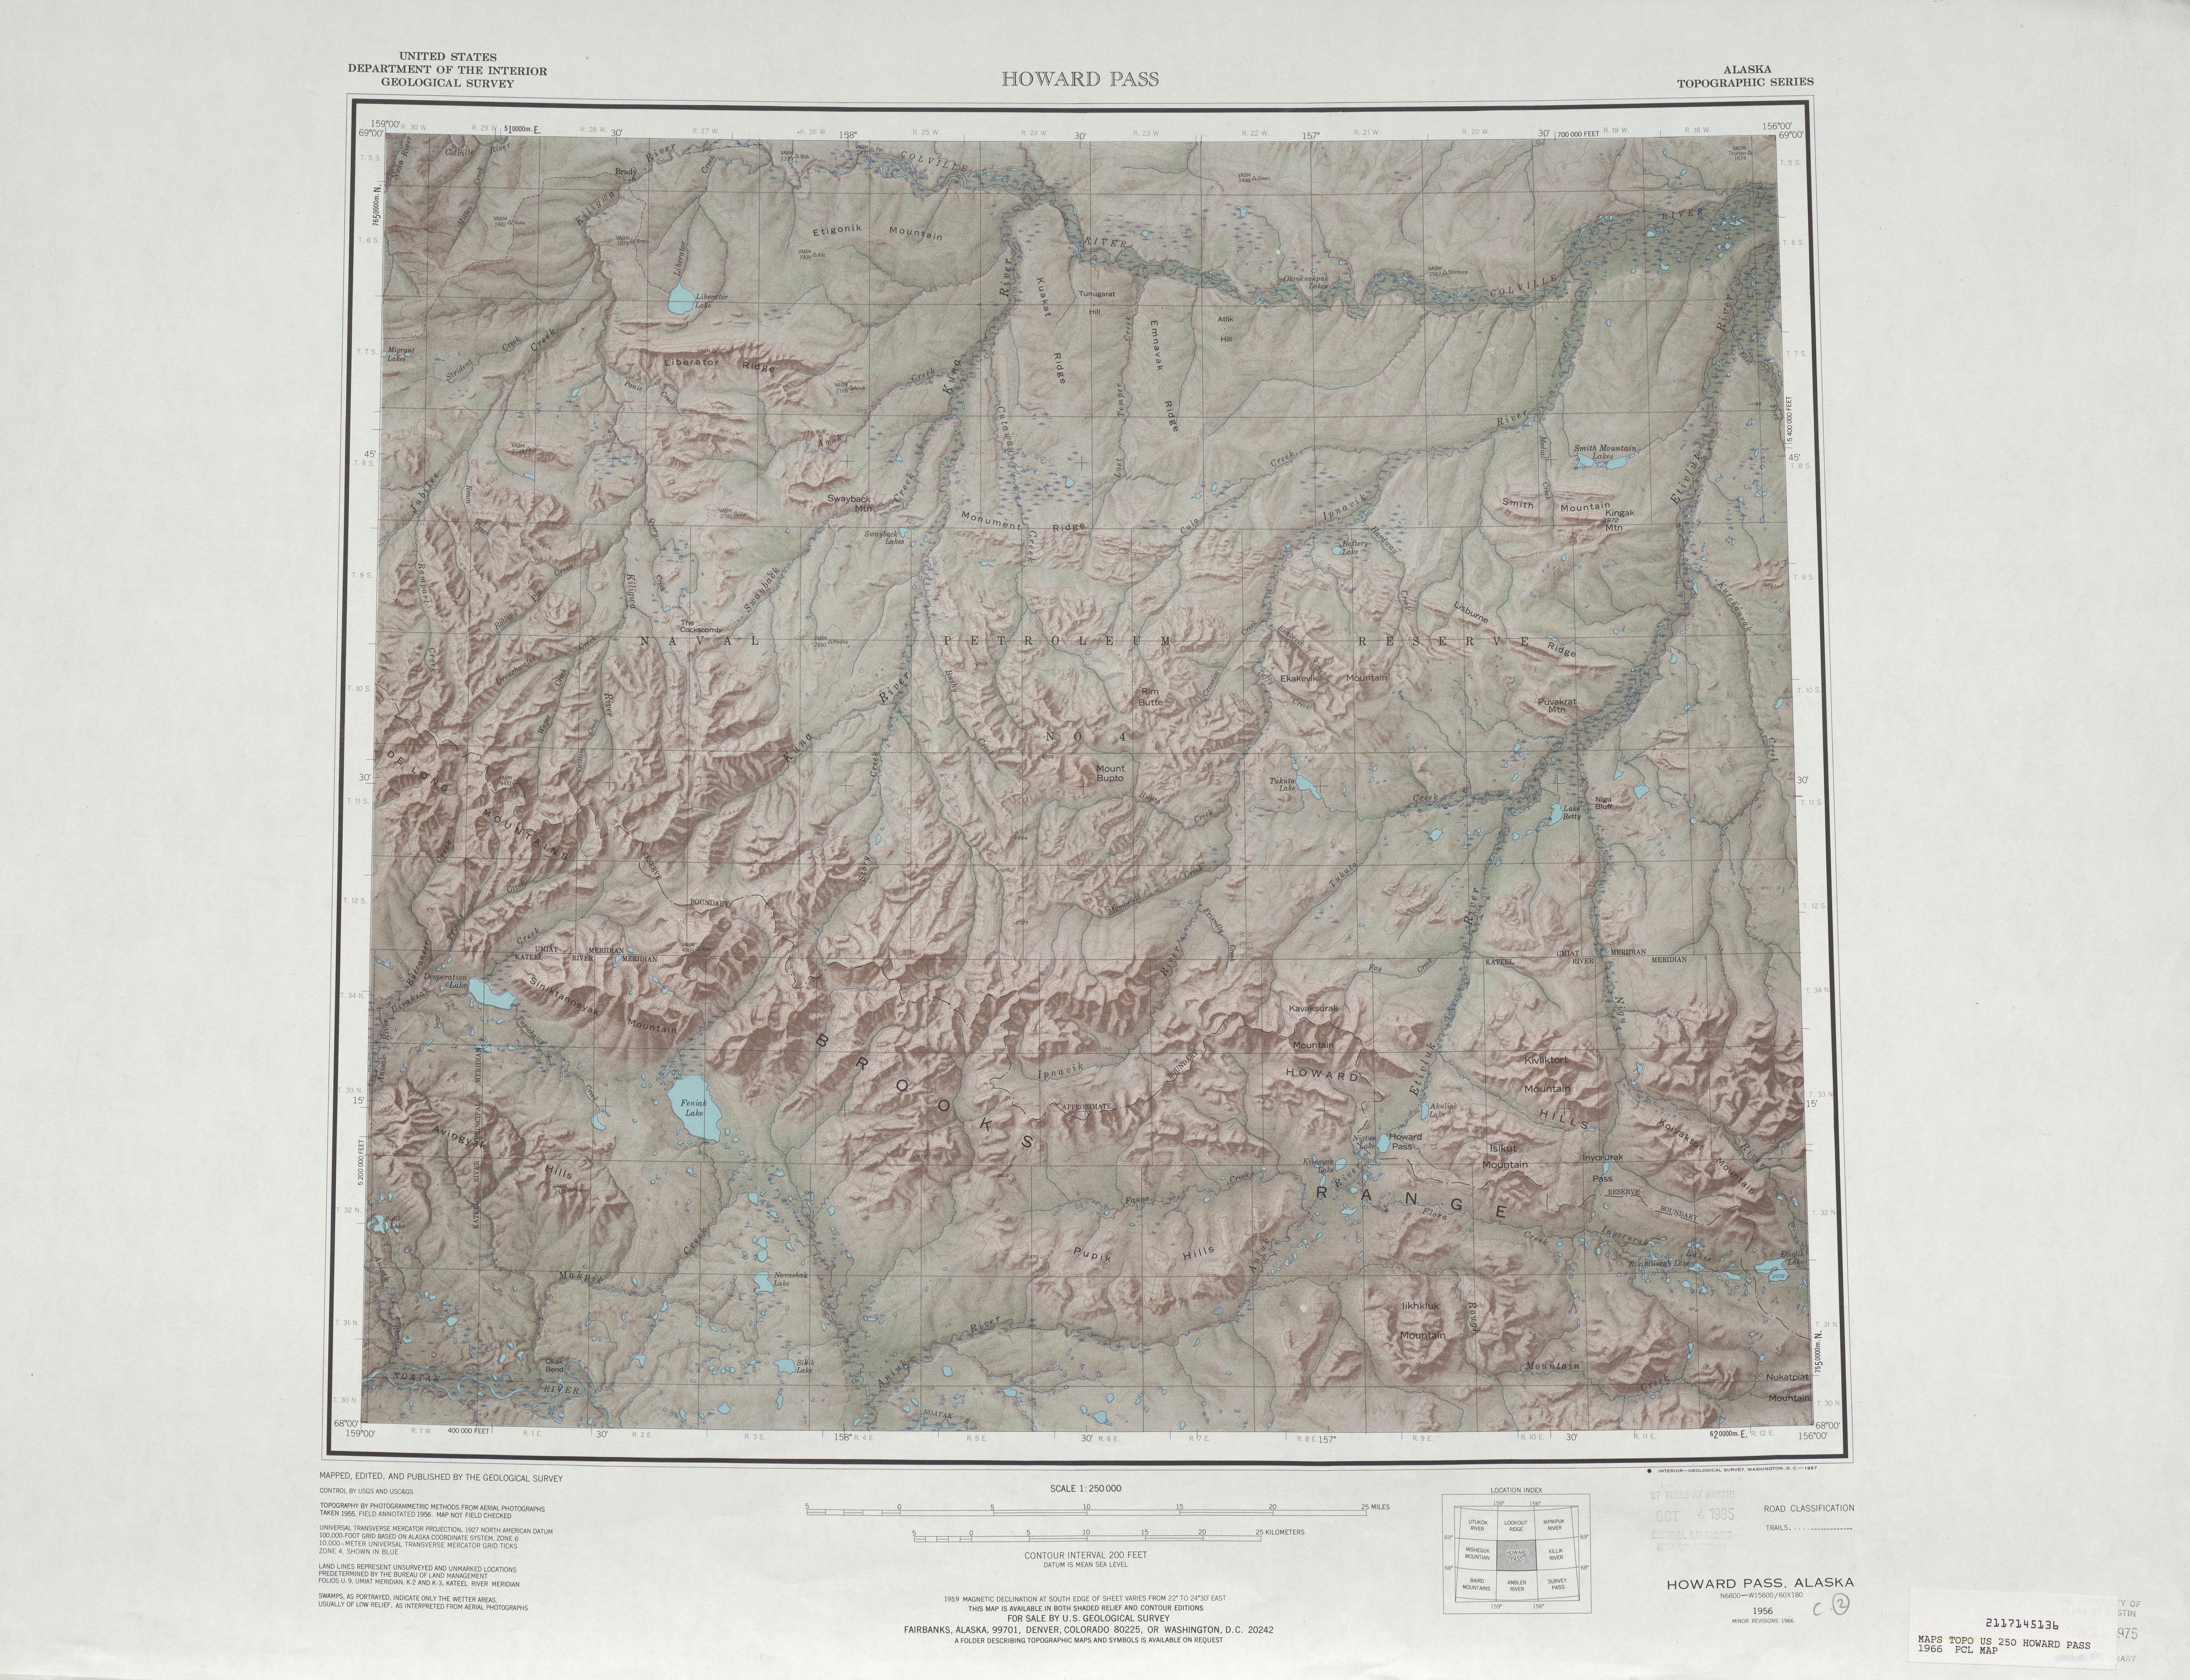 Hoja HoGuerrad Pass del Mapa de Relieve Sombreado de los Estados Unidos 1966